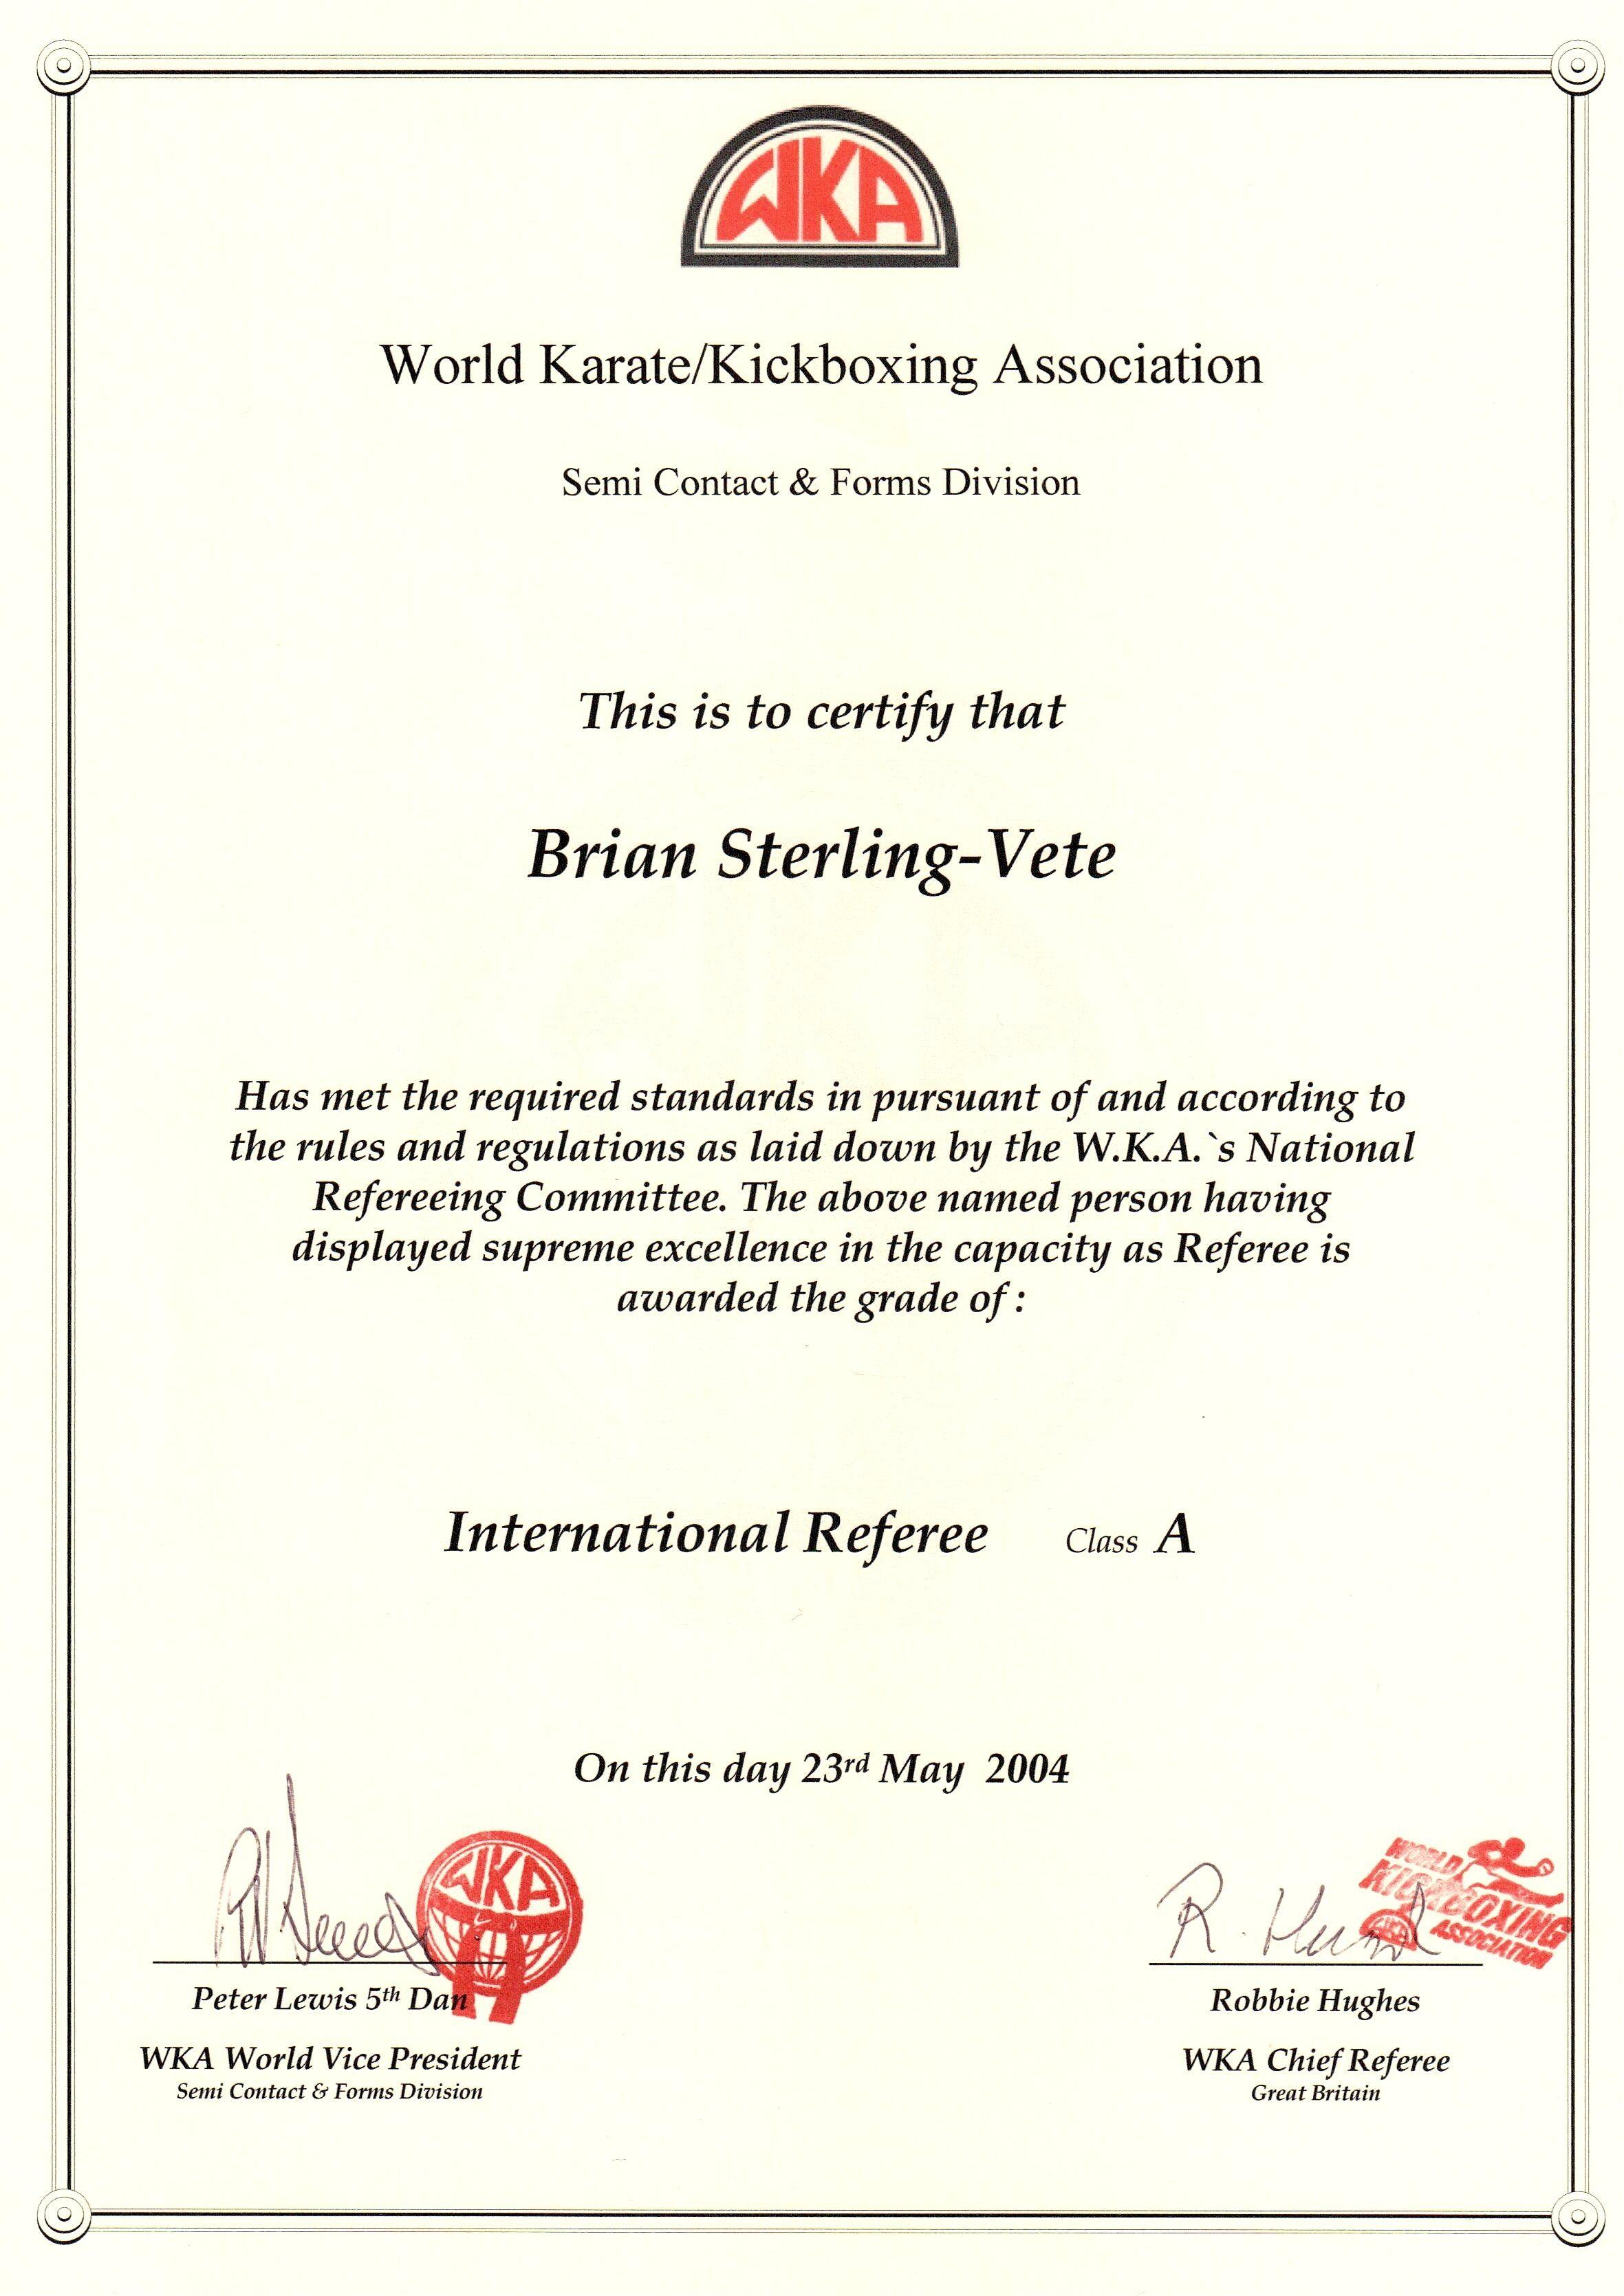 World Karate And Kickboxing Association International Referee